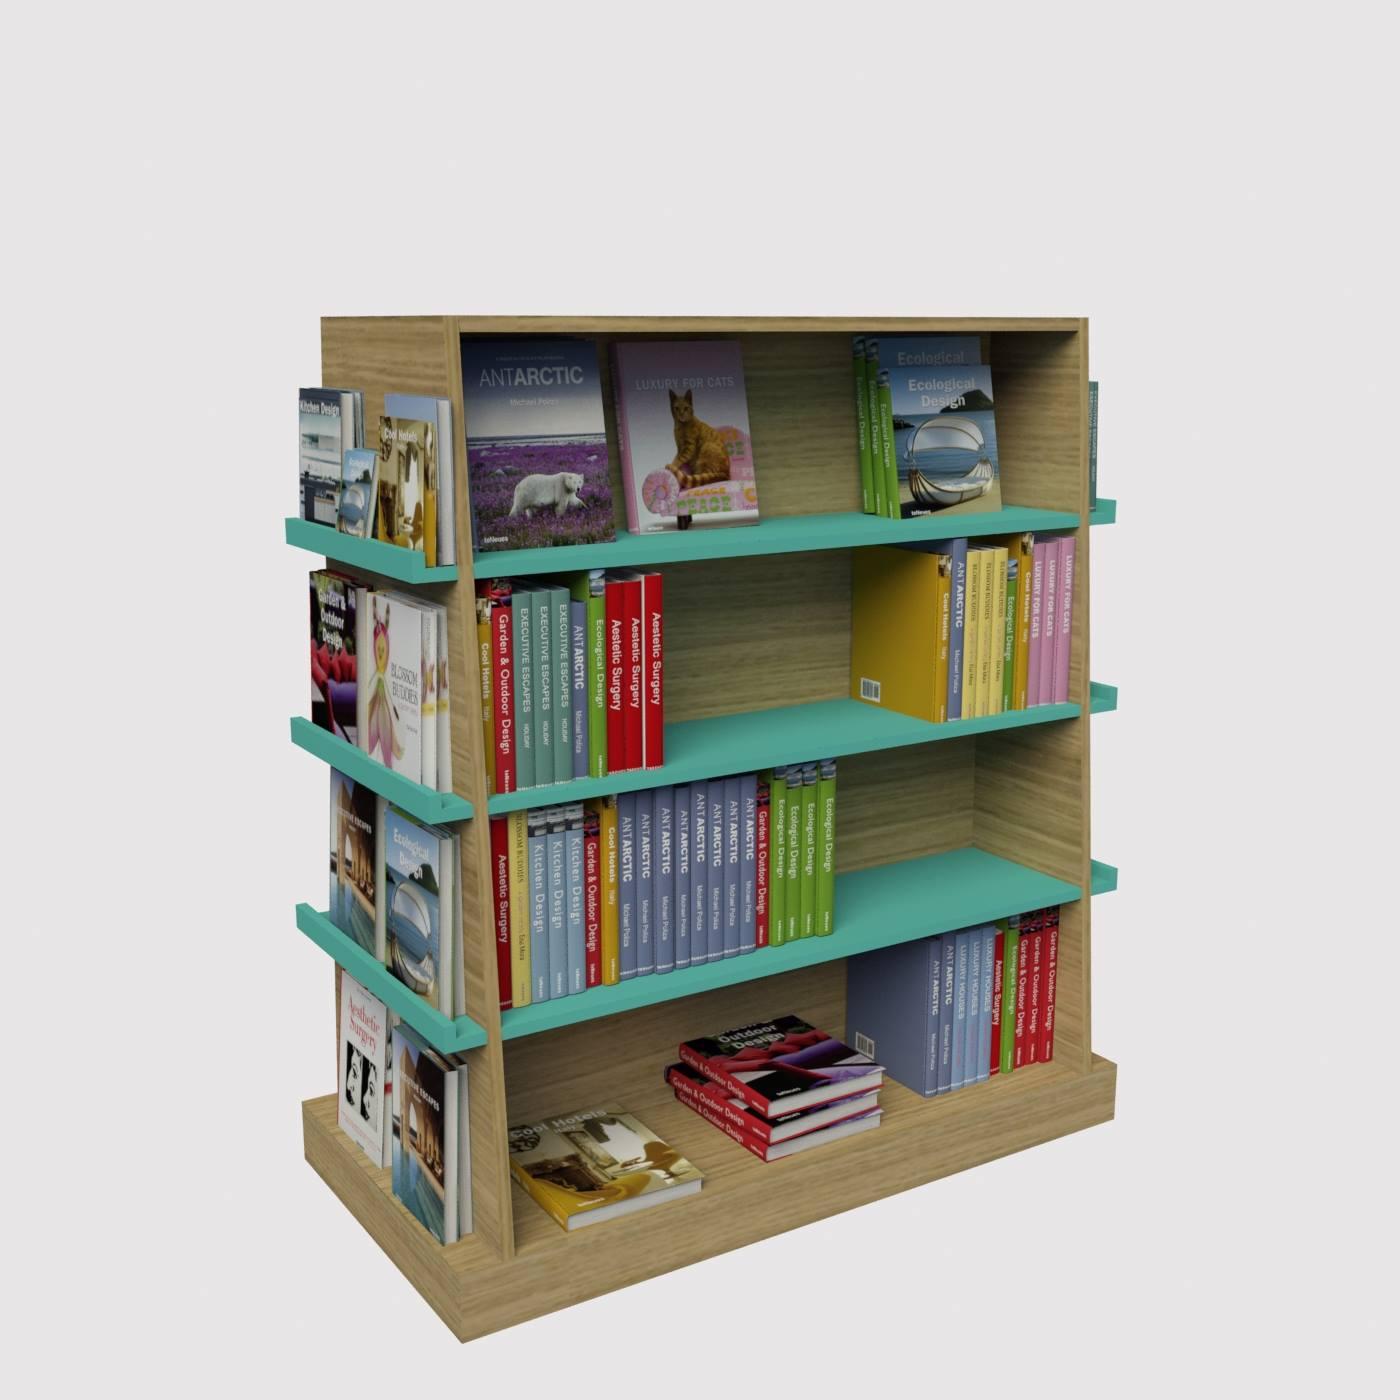 rafiera gia vivlia epiplo vivlion provoli vivliou κεντρική ραφιέρα βιβλιοπωλείου